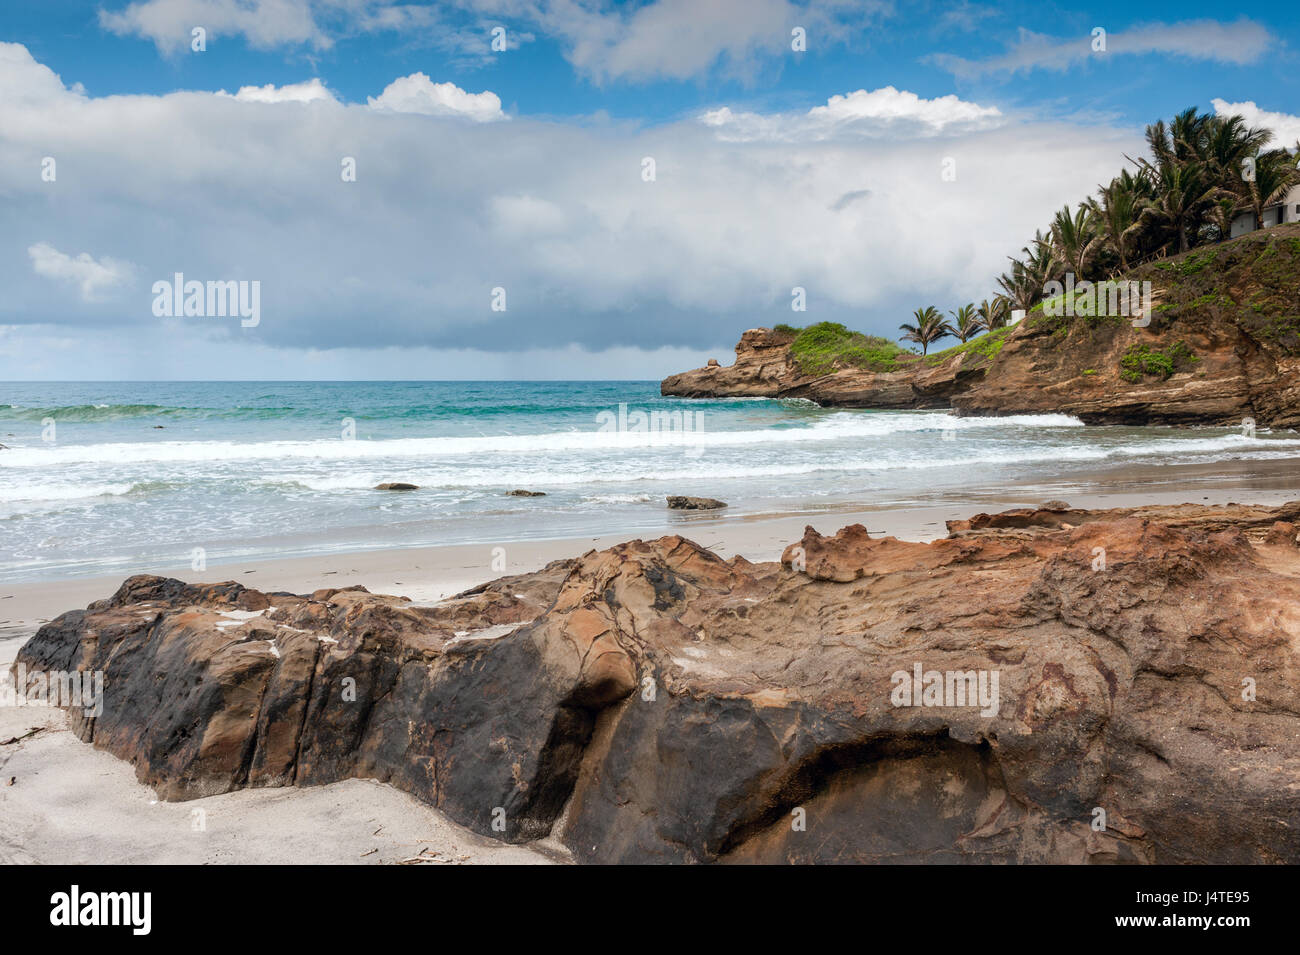 Pequeño y encantador pueblo pesquero de Mompiche, costa del Pacífico ecuatoriano Imagen De Stock